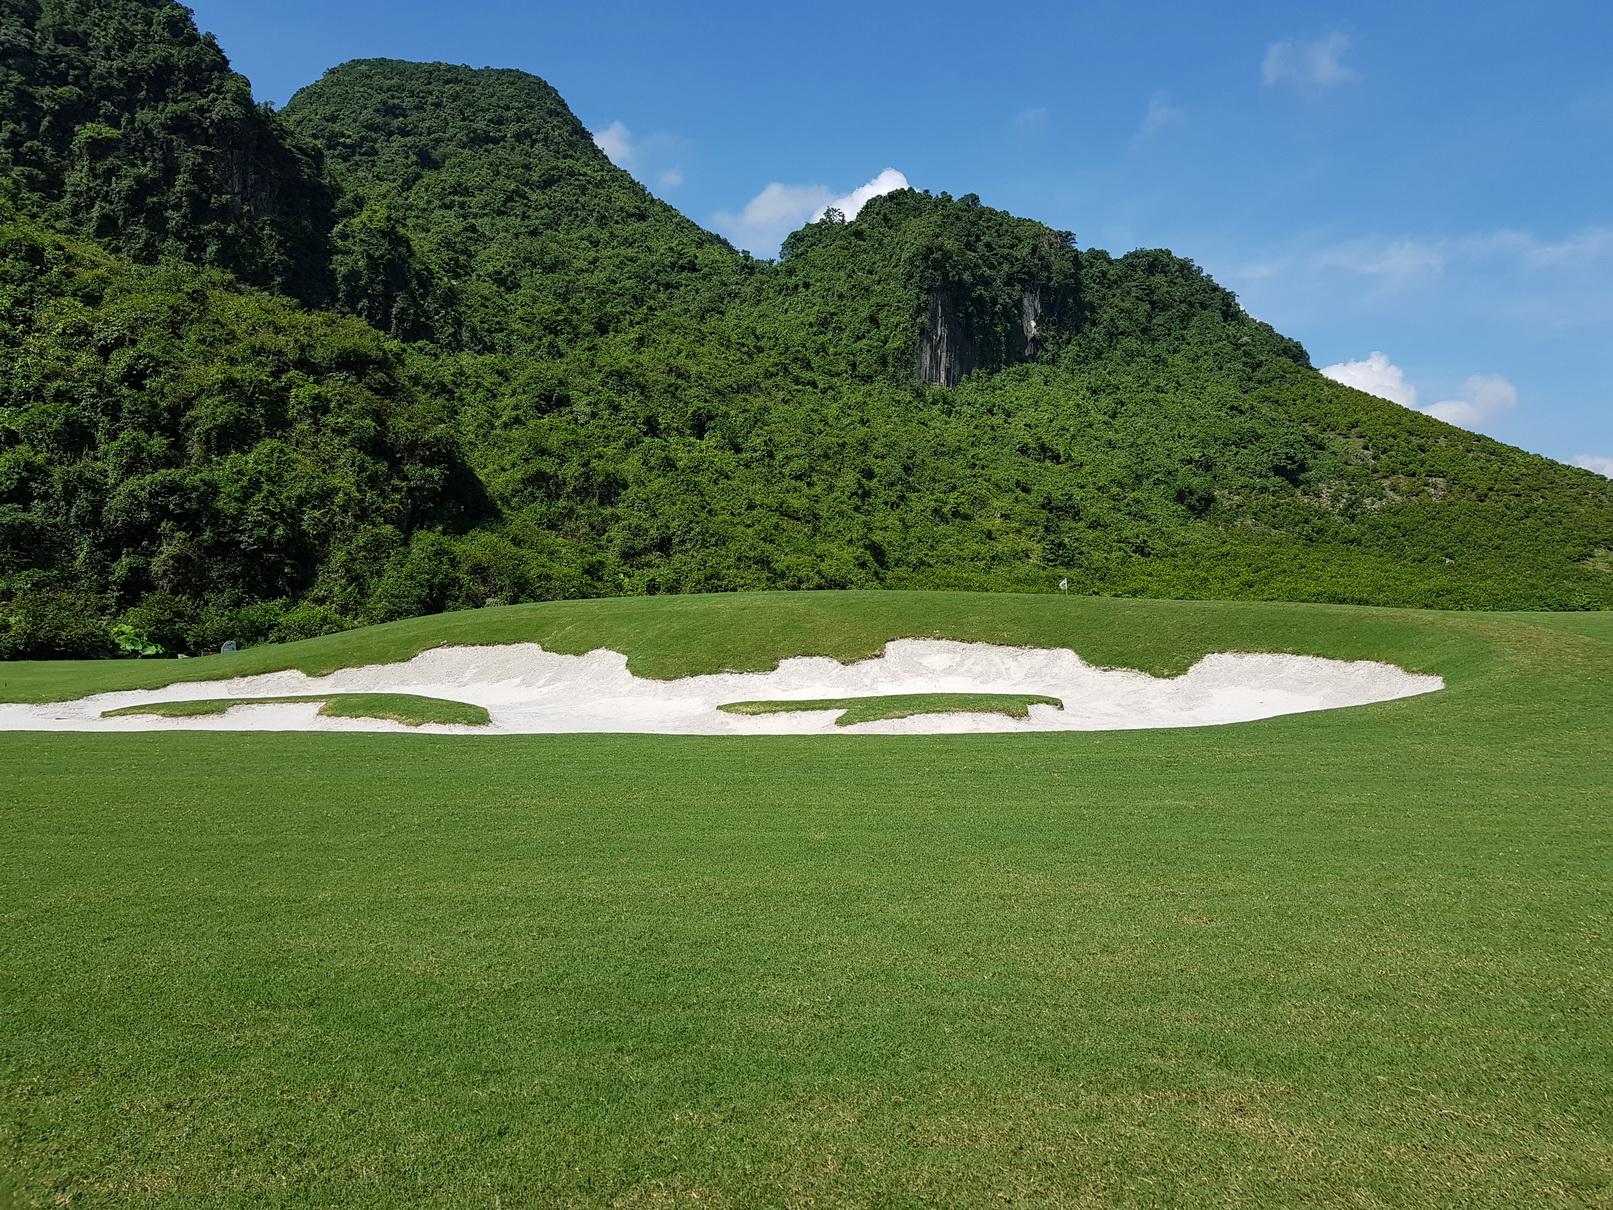 Quang cảnh núi đá tại sân golf Kim Bảng